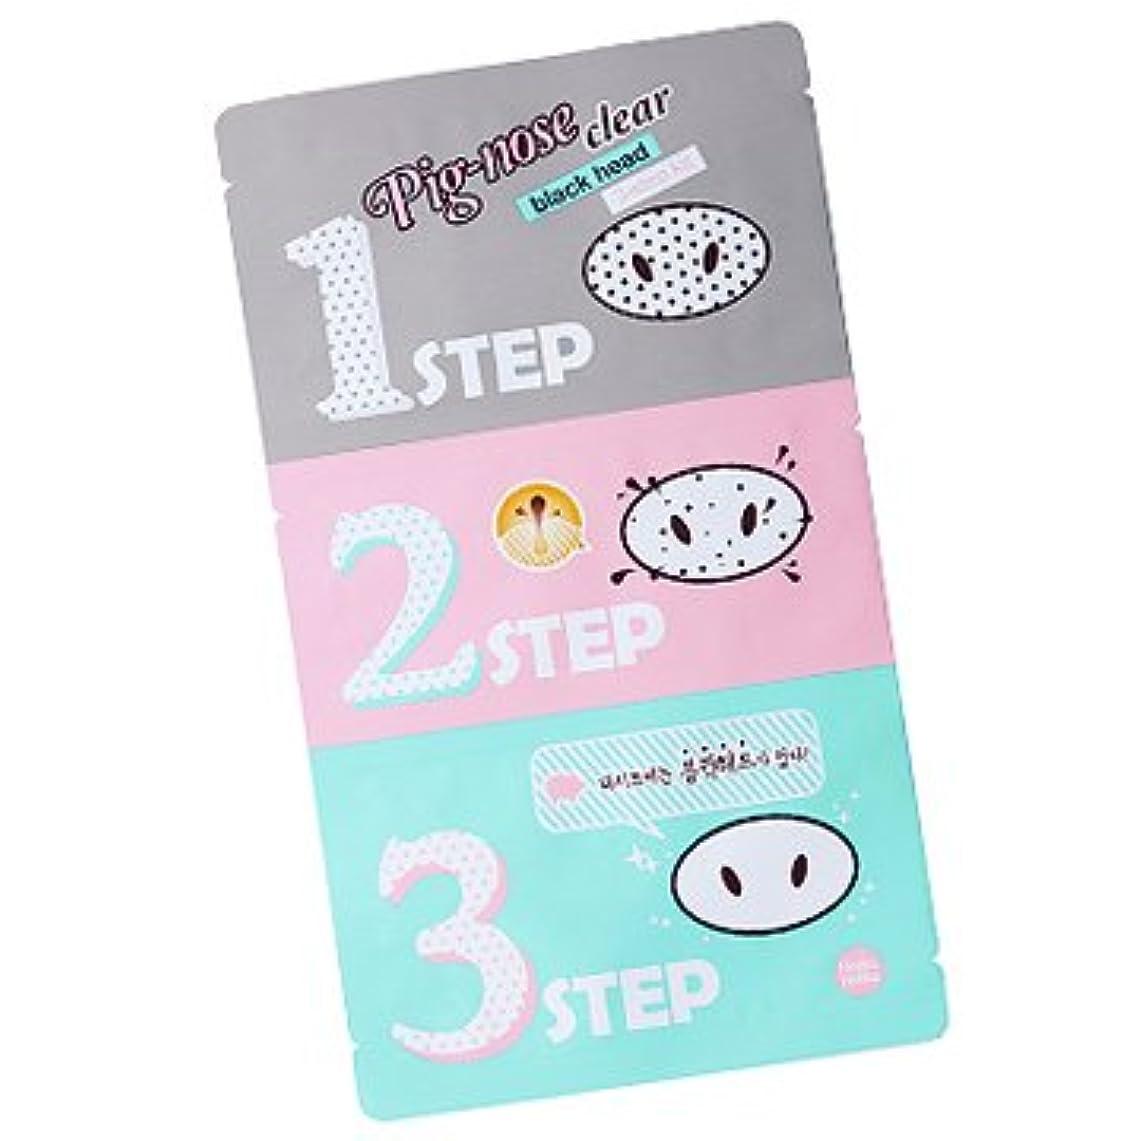 伴うロッカーポイントHolika Holika Pig Nose Clear Black Head 3-Step Kit 10EA (Nose Pack) ホリカホリカ ピグノーズクリアブラックヘッド3-Stepキット(鼻パック) 10pcs...